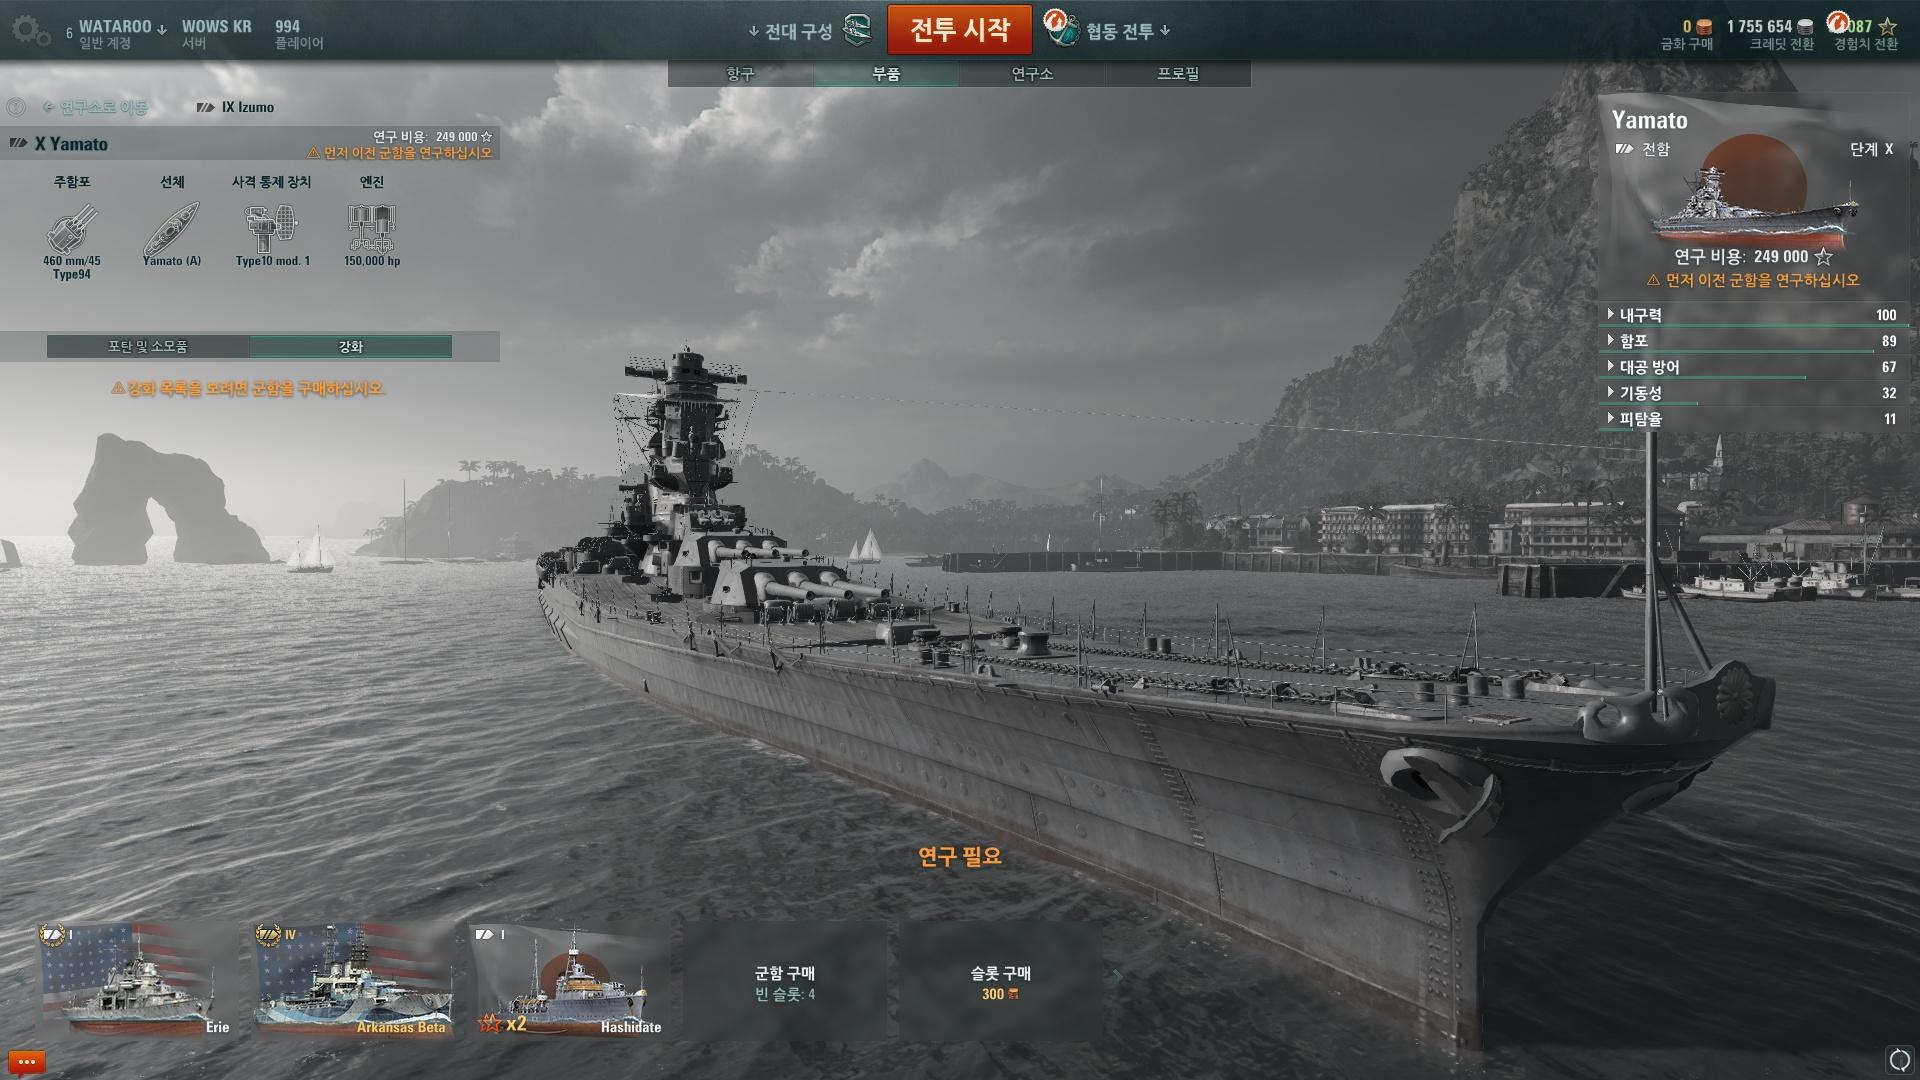 shot-15.10.04_23.42.16-0618.jpg